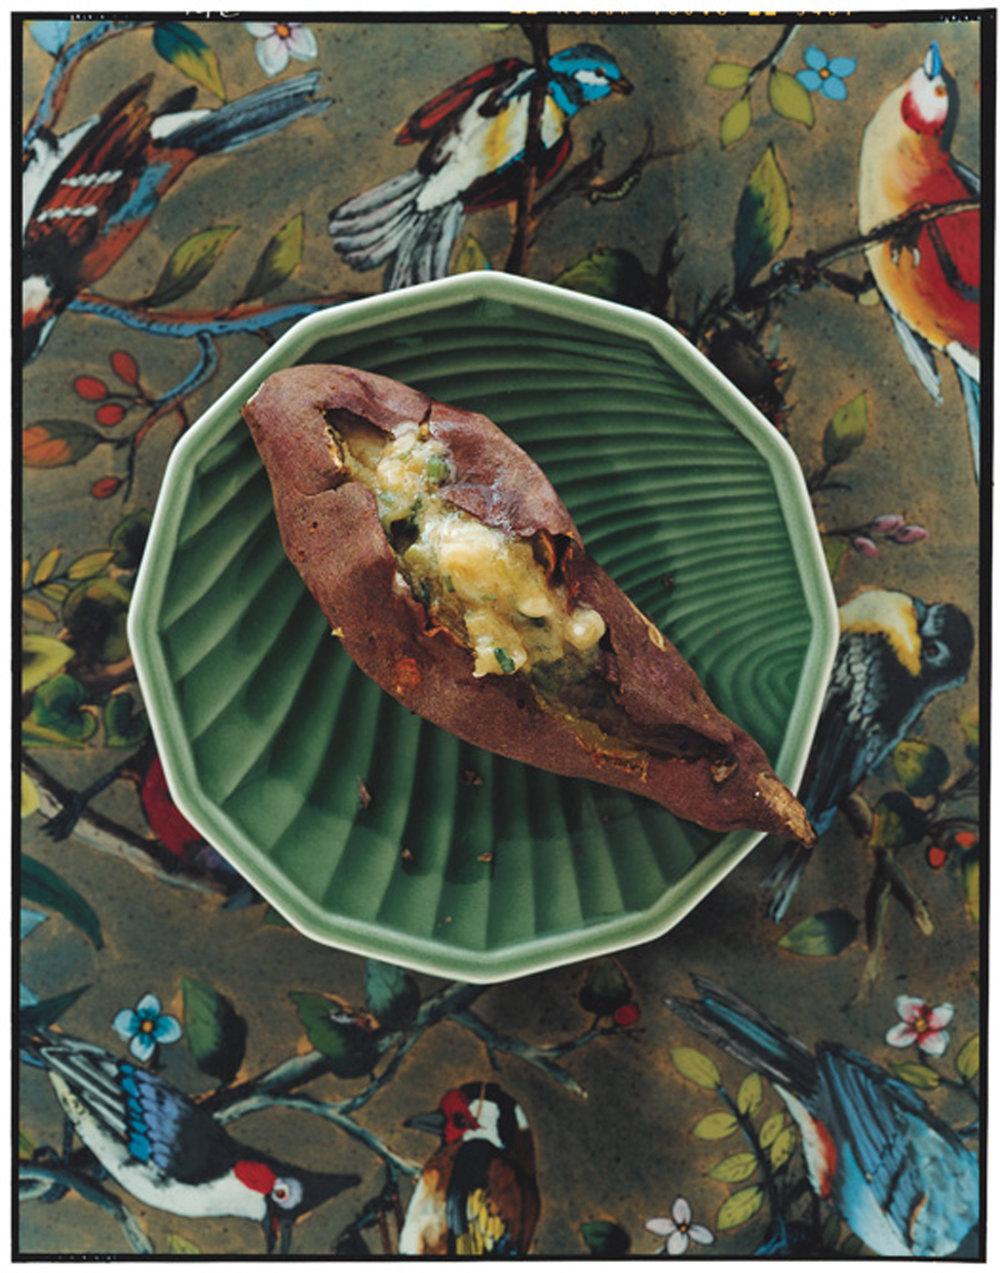 RG-007_0538-Gourmet.jpg